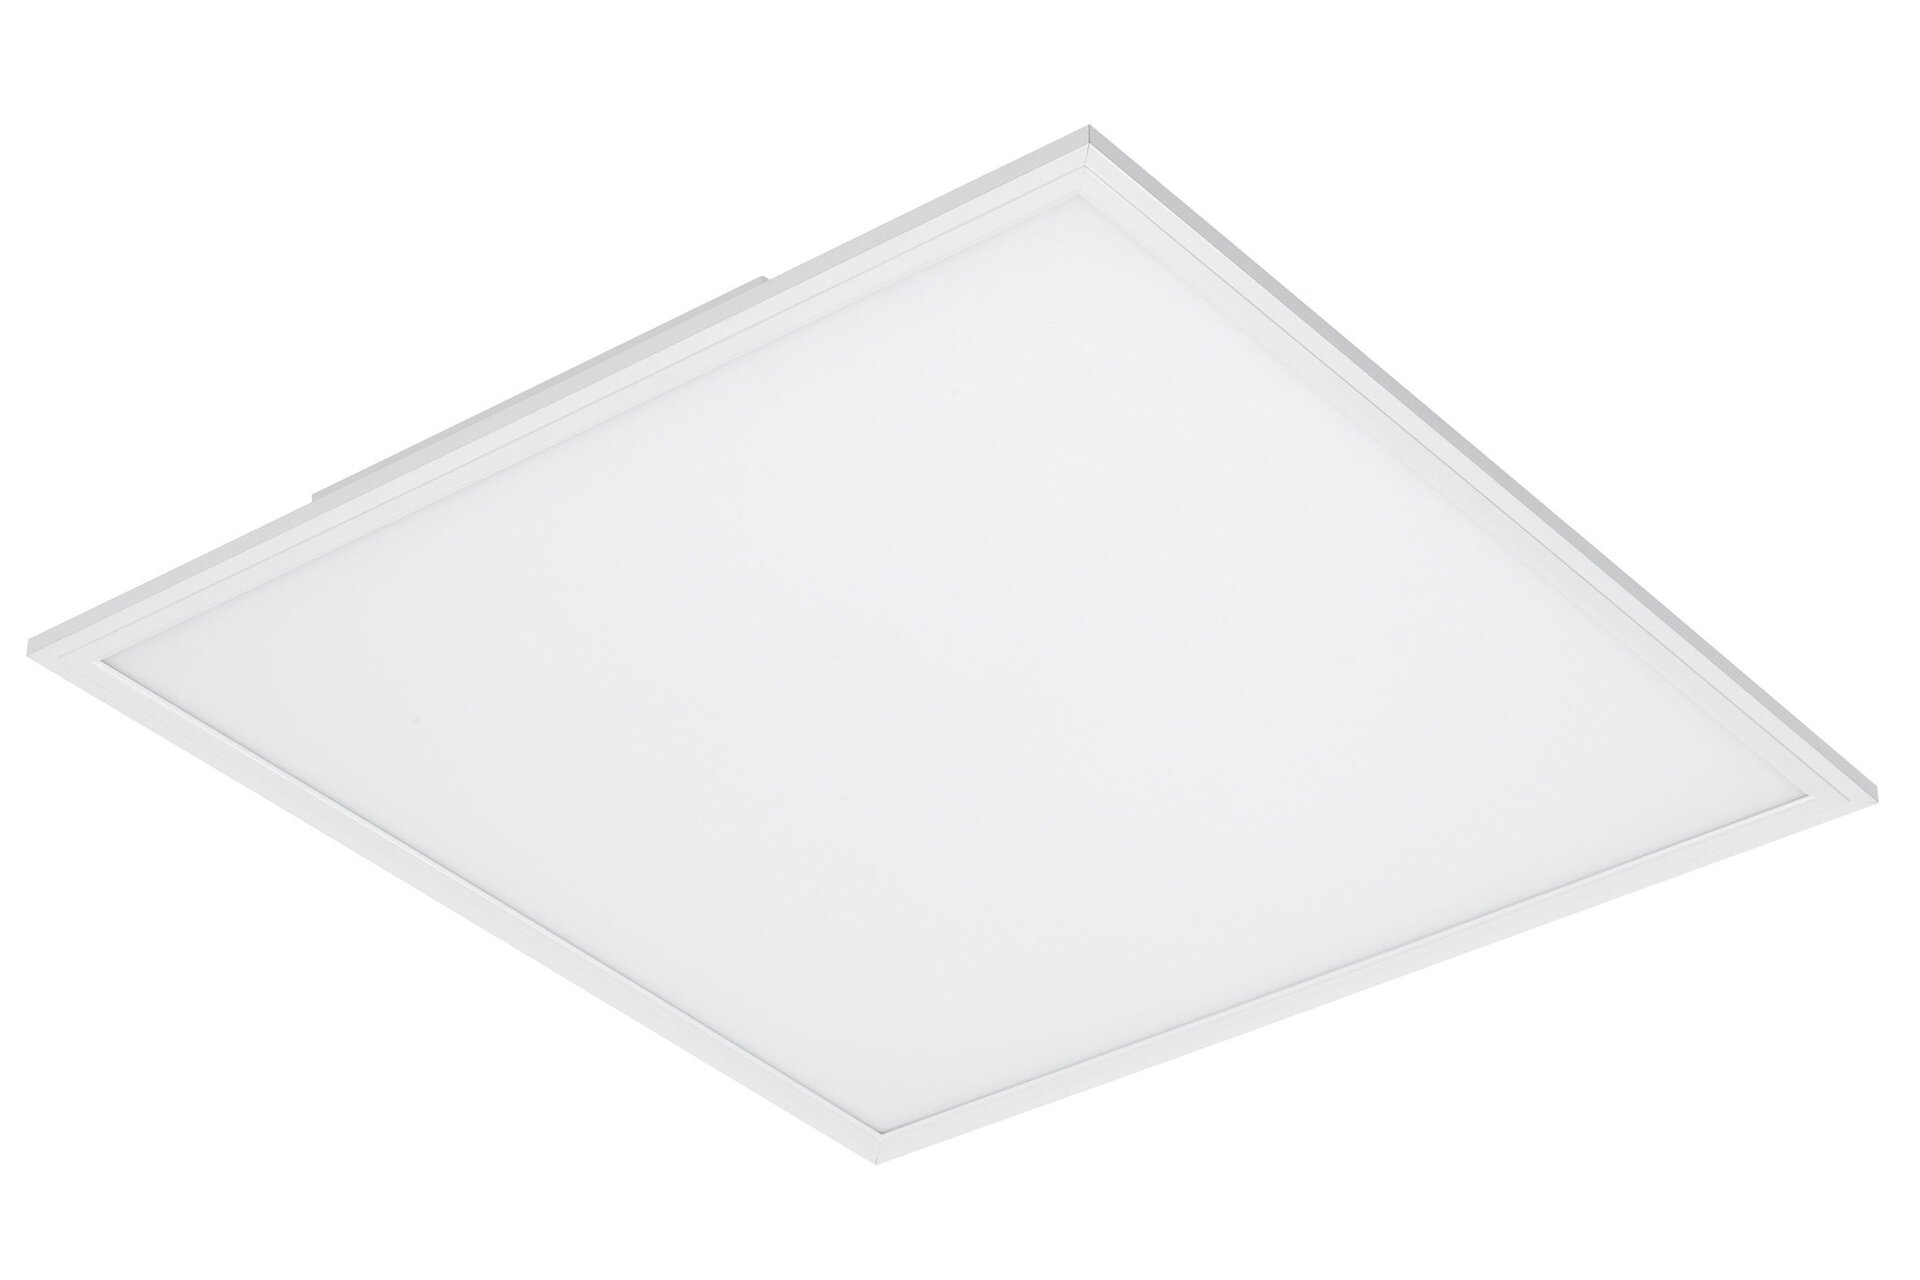 Deckenleuchte Piatto Briloner Metall weiß 60 x 5 x 60 cm